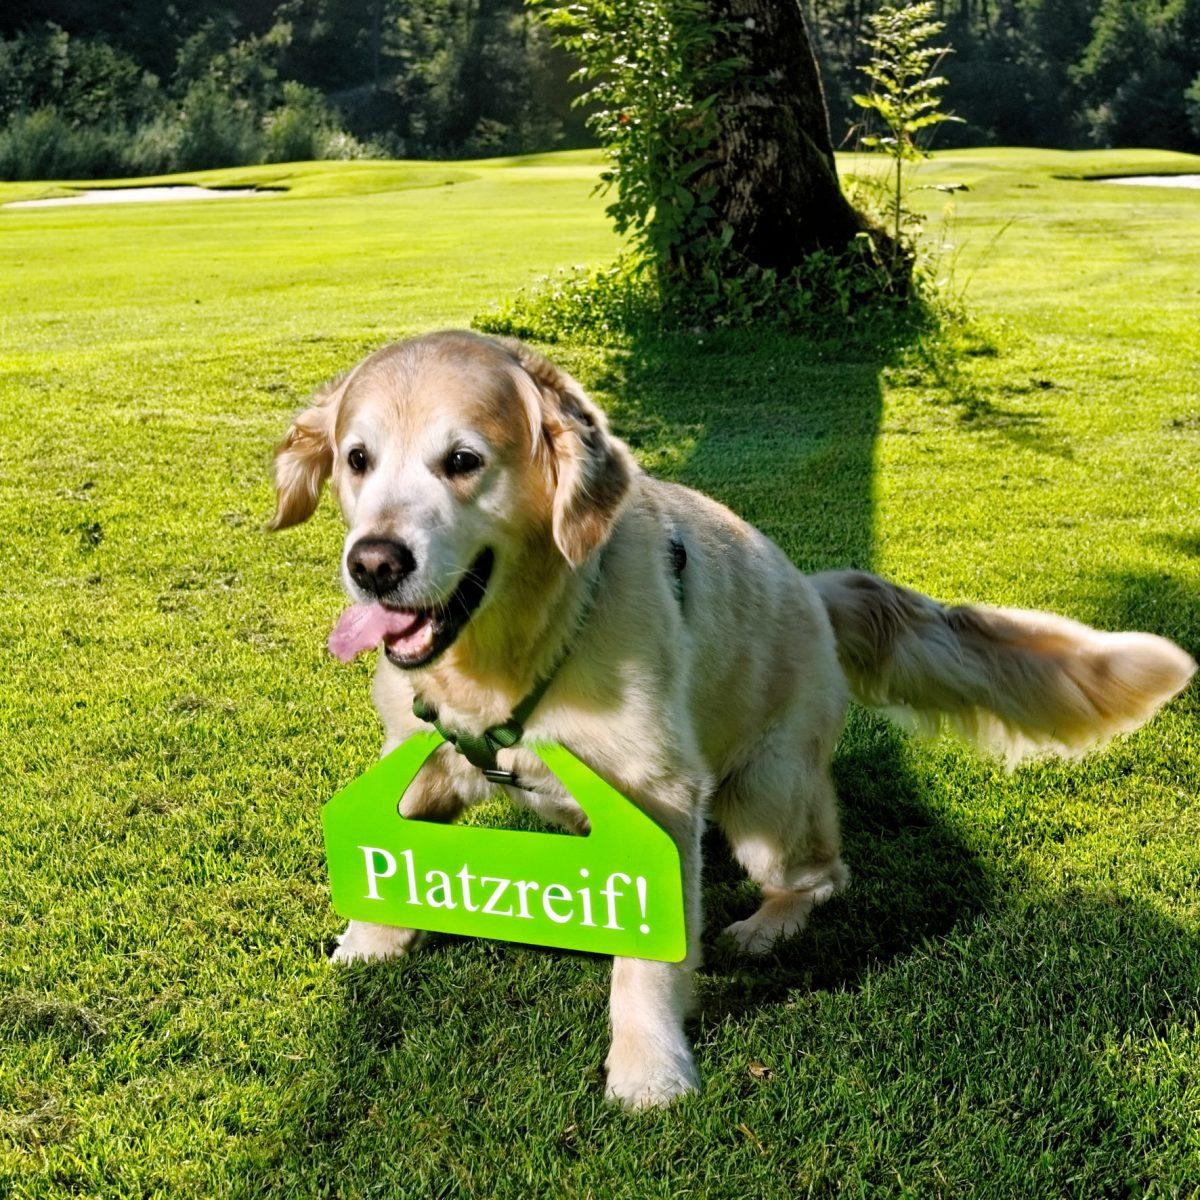 Golfen mit Hunden - Golf-Platzreife für Hunde in Österreich